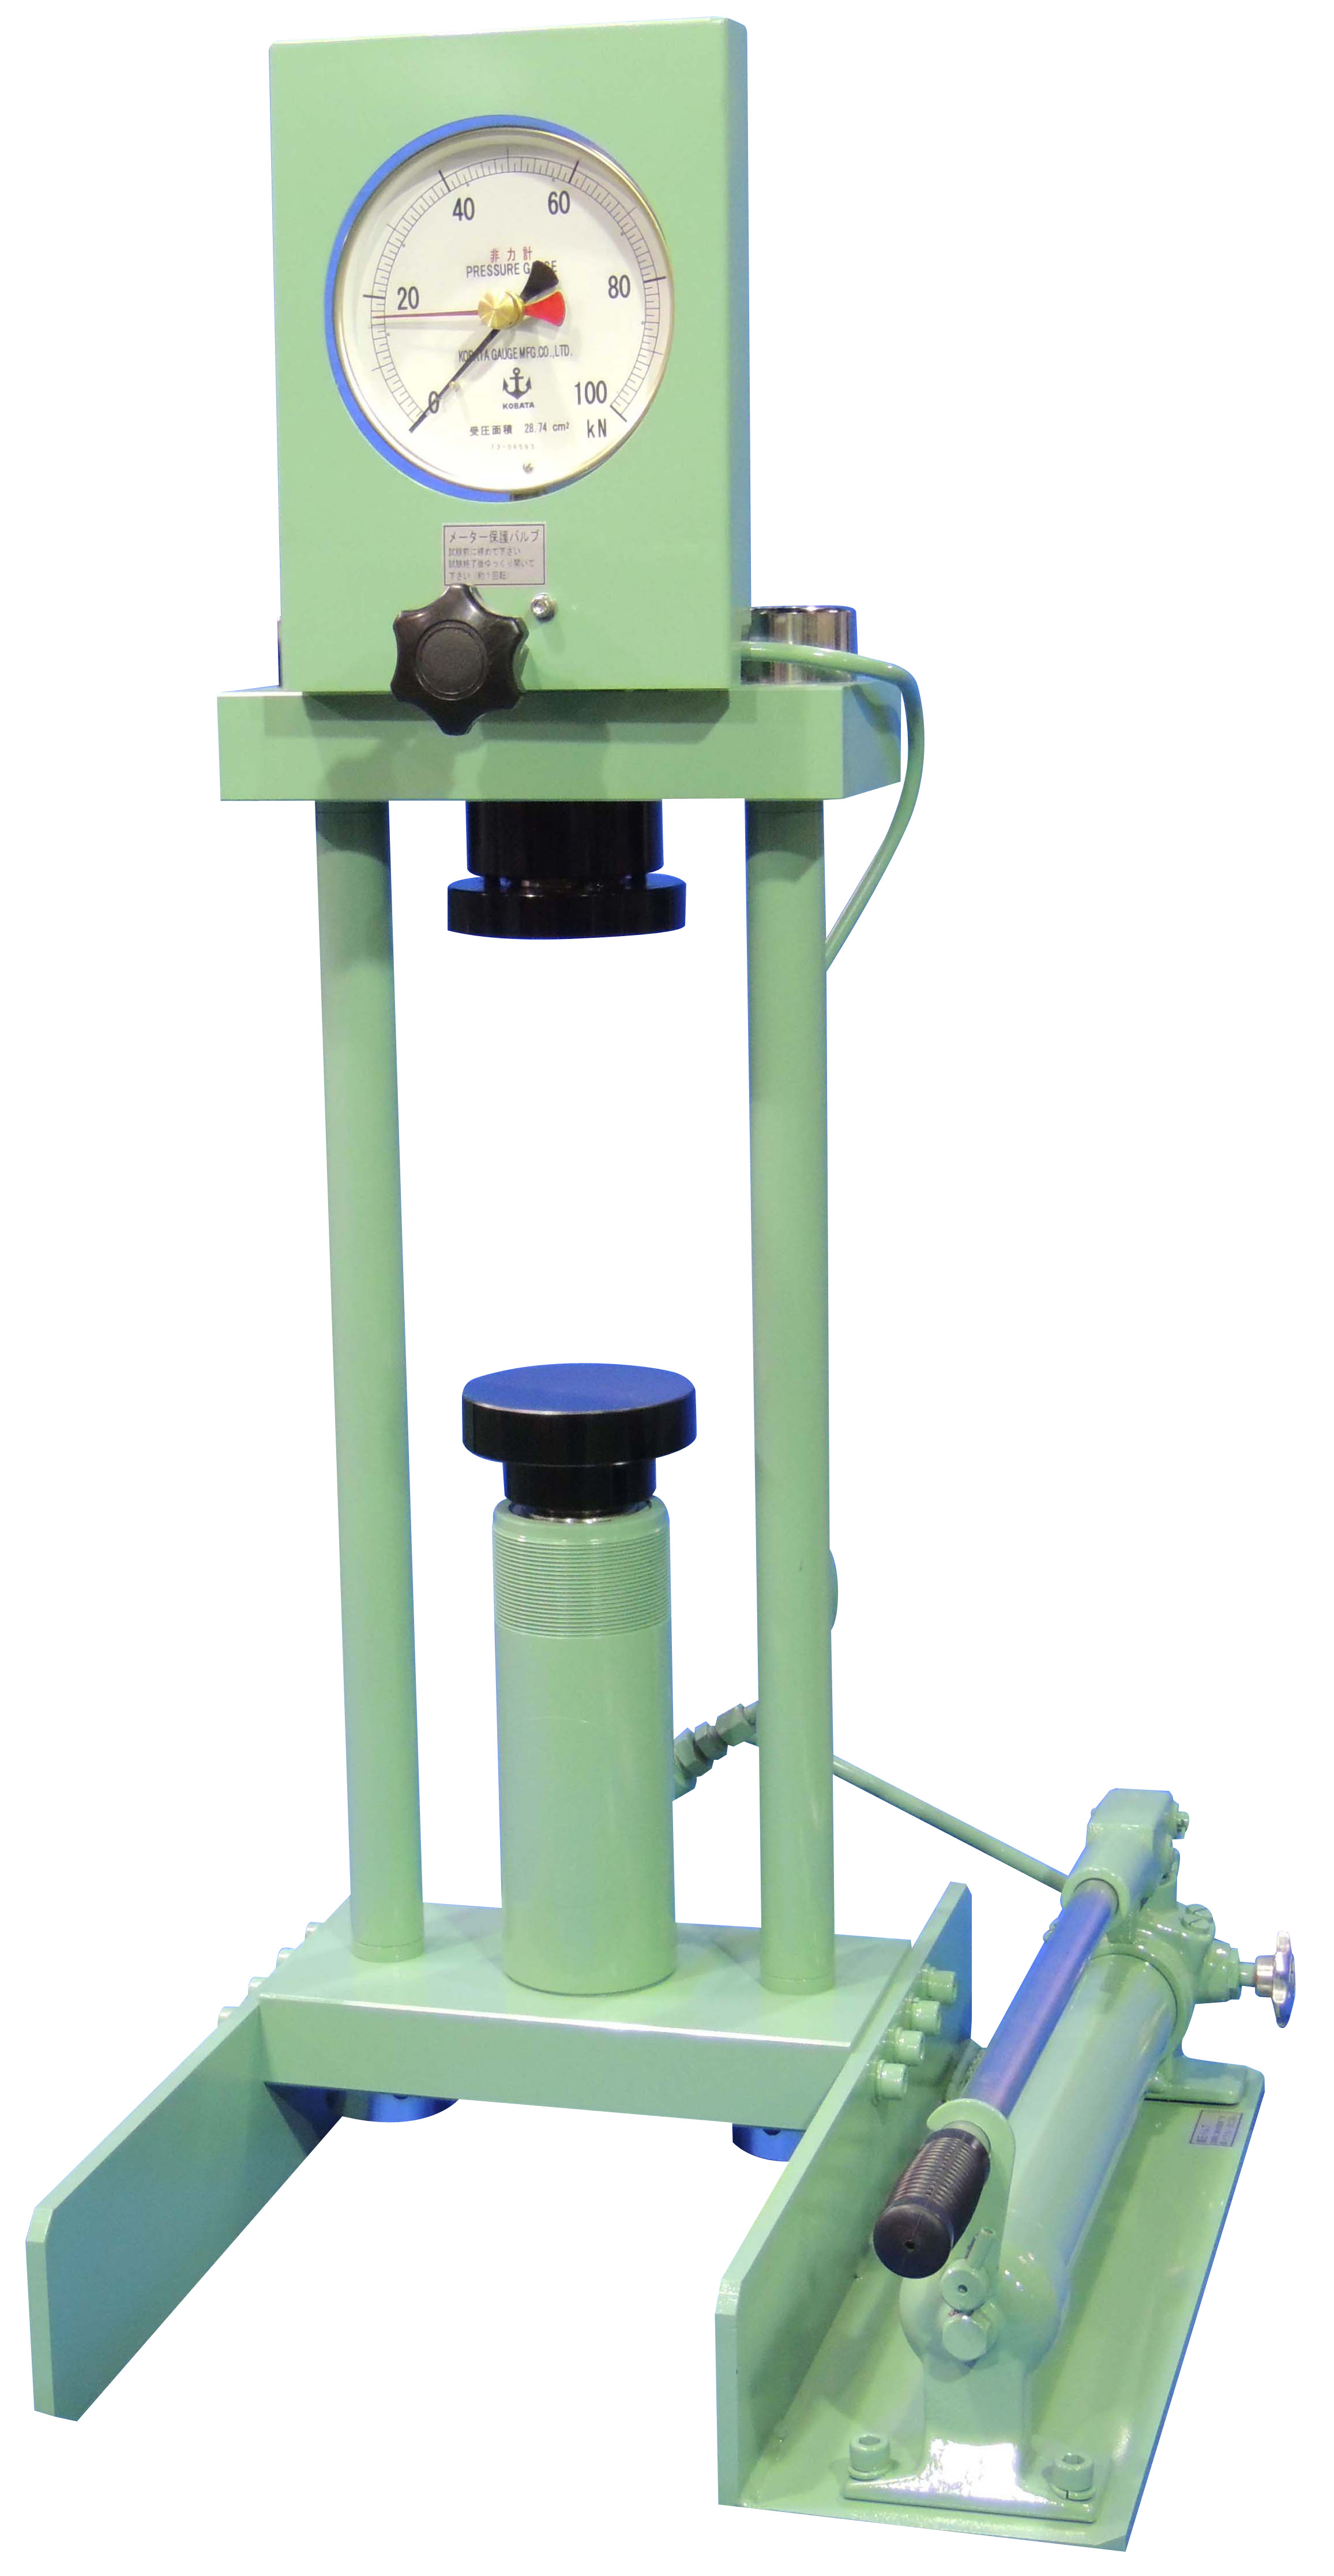 能力100kN簡易圧縮試験機